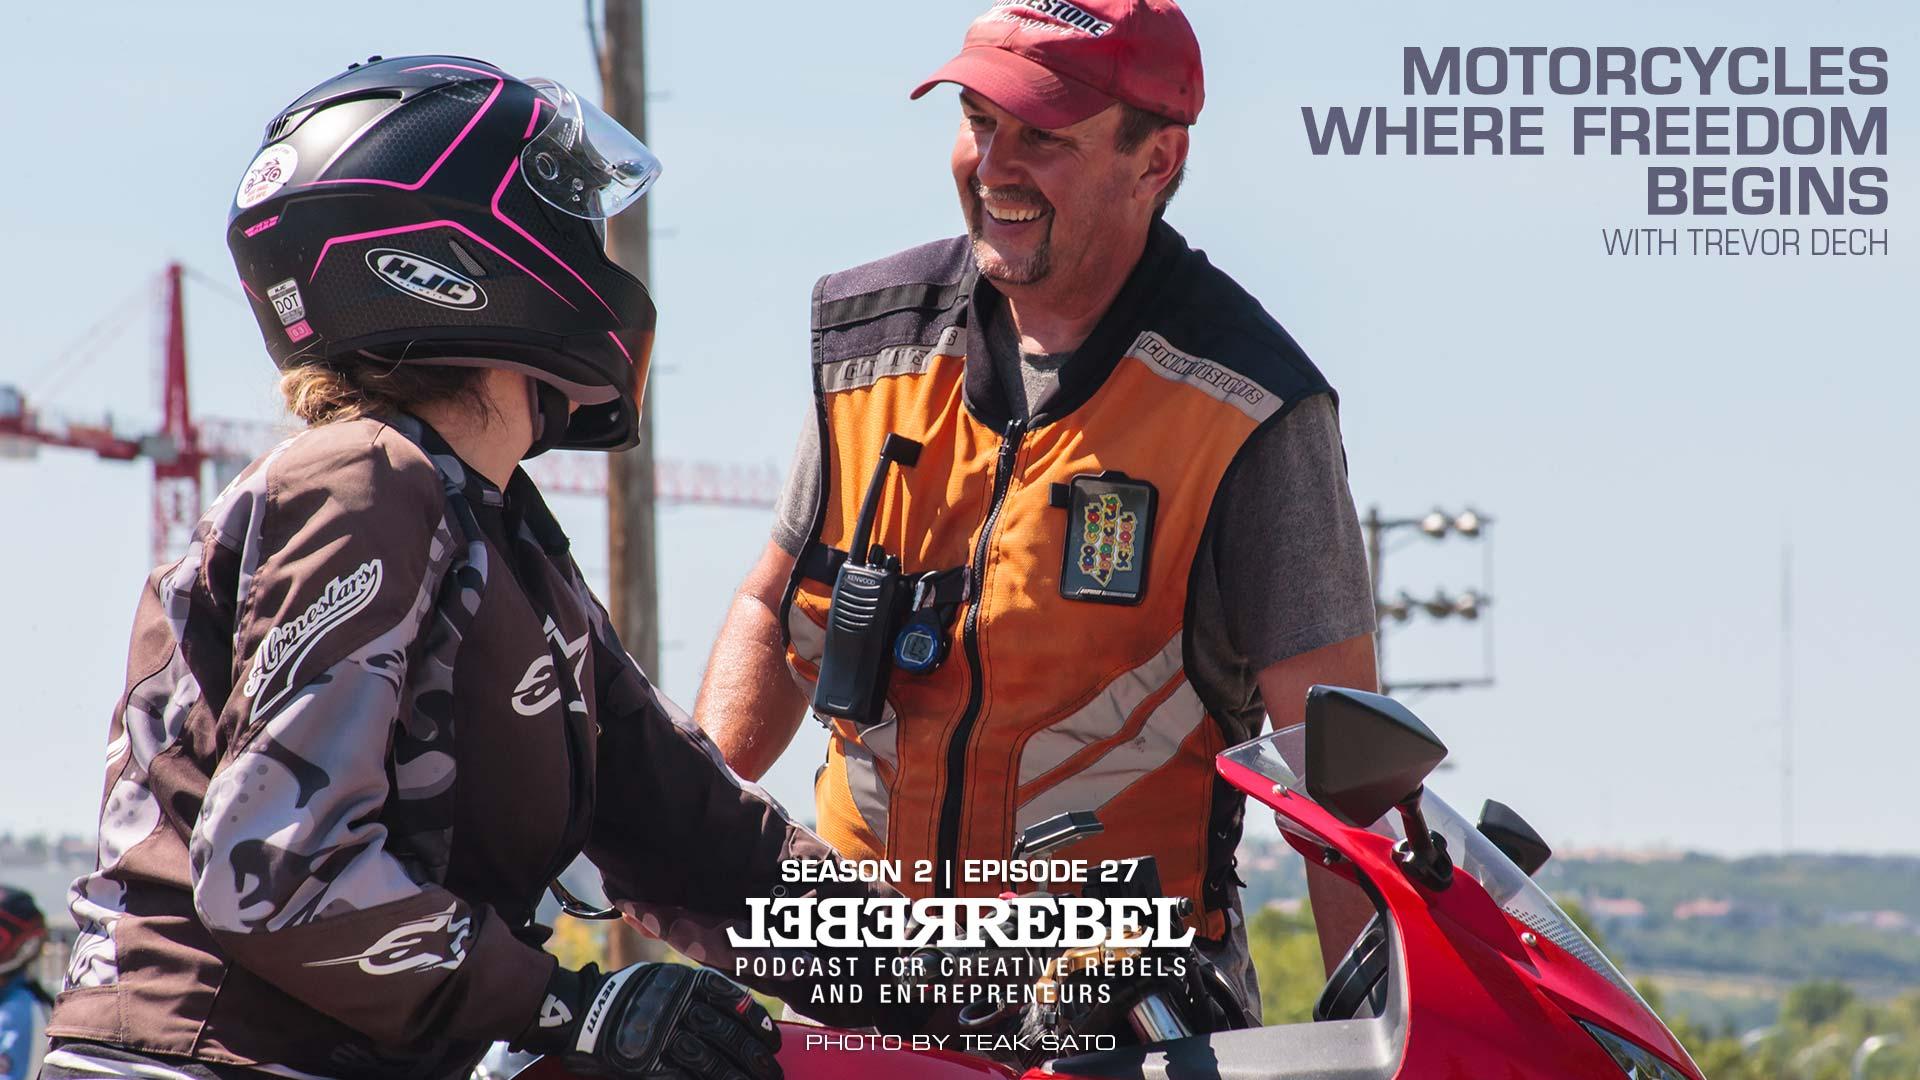 Rebel - Trevor Dech of Too Cool Motorcycle School